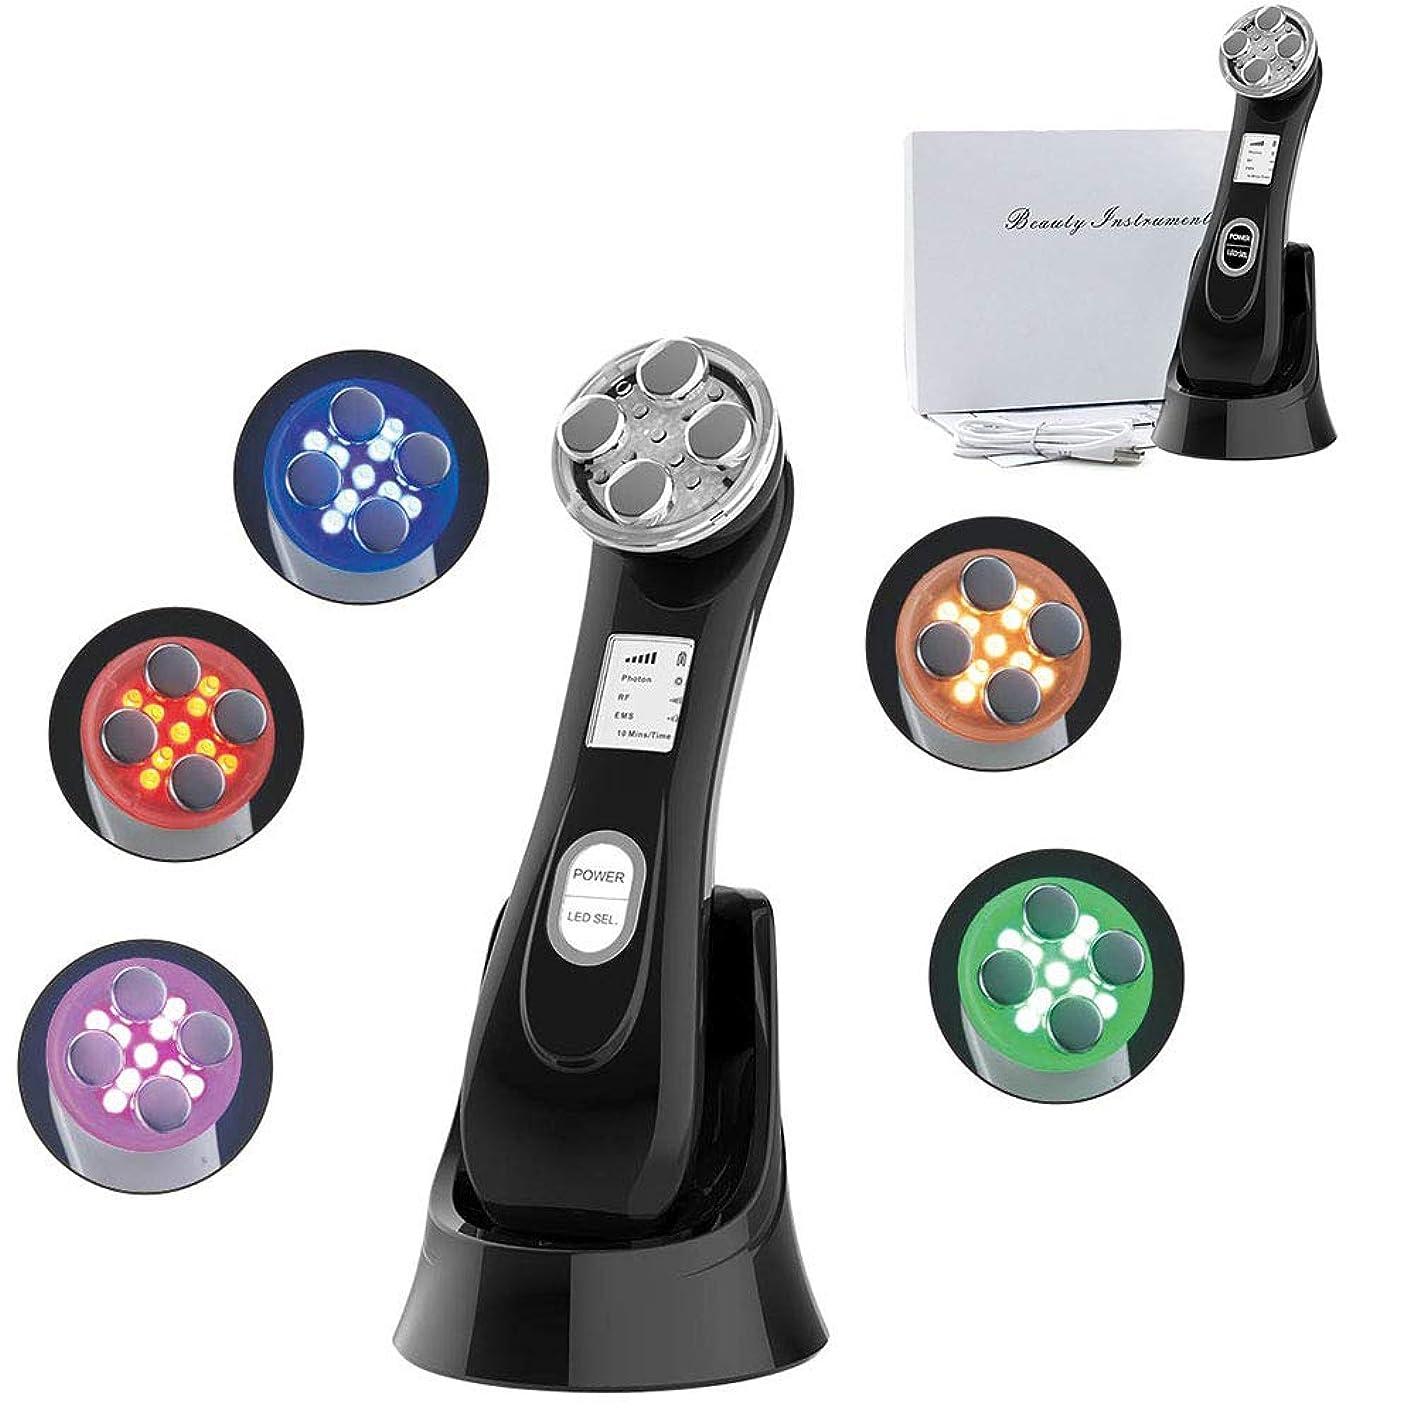 コミット拮抗するランク超音波美容機器、アンチエイジングフェイシャルリフティング超音波美容機 - 高周波USB充電式EMSフェイシャルフォトンフェイススキンケア